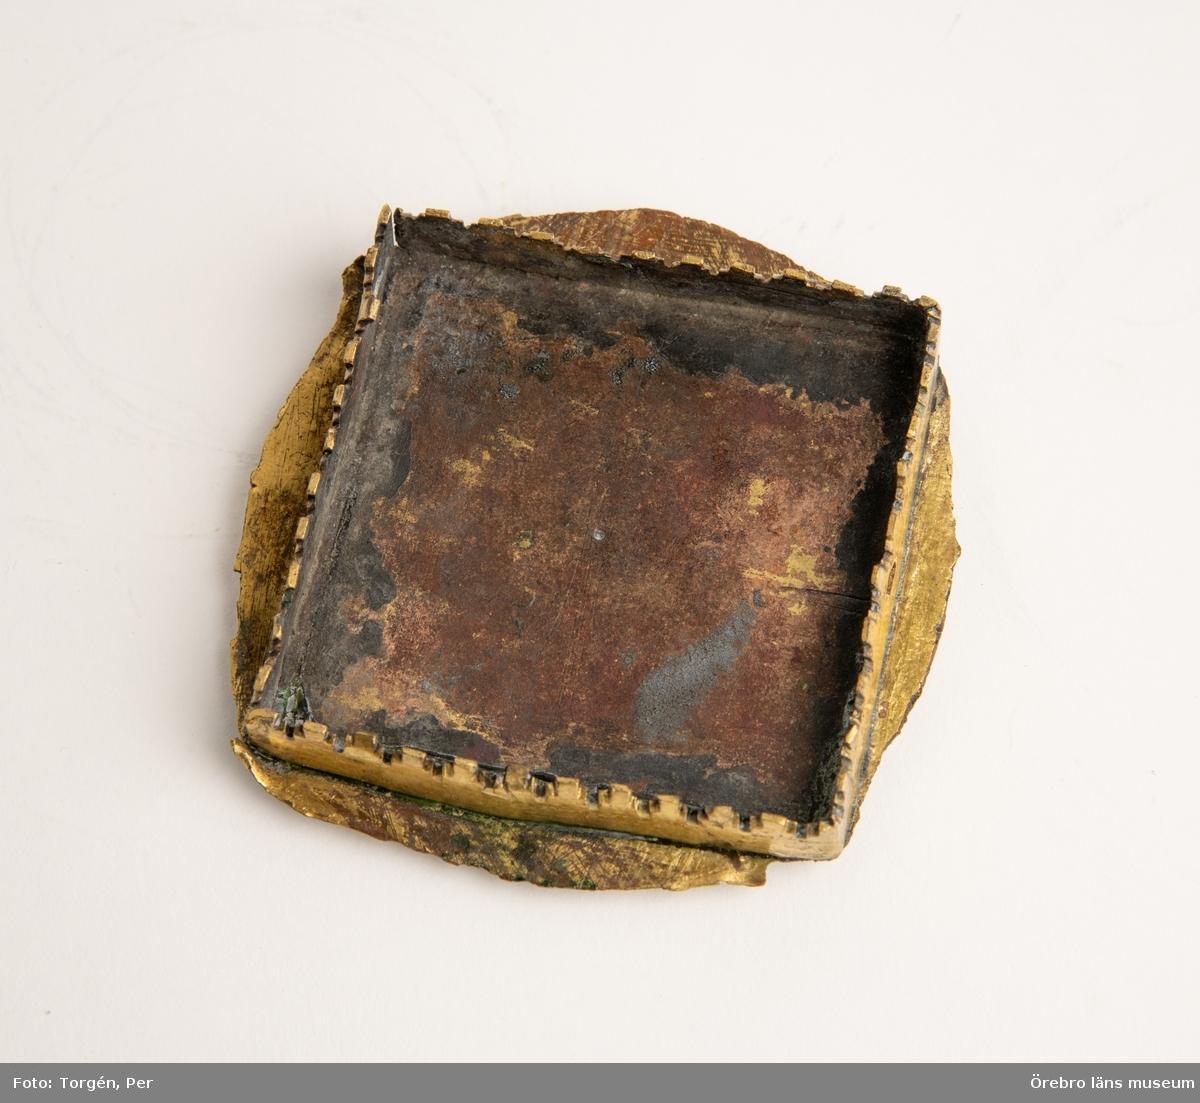 Fot av pyxis av förgylld koppar. 1400-talets slut. På mellanstyckets knappar a, o, r, h i minuskler. Foten kan avlyftas från botten där måhända varit förvaringsrum för reliker. Består av 2 delar - a och b.  Hör ihop med OLM-1093 Axbergs kyrka.